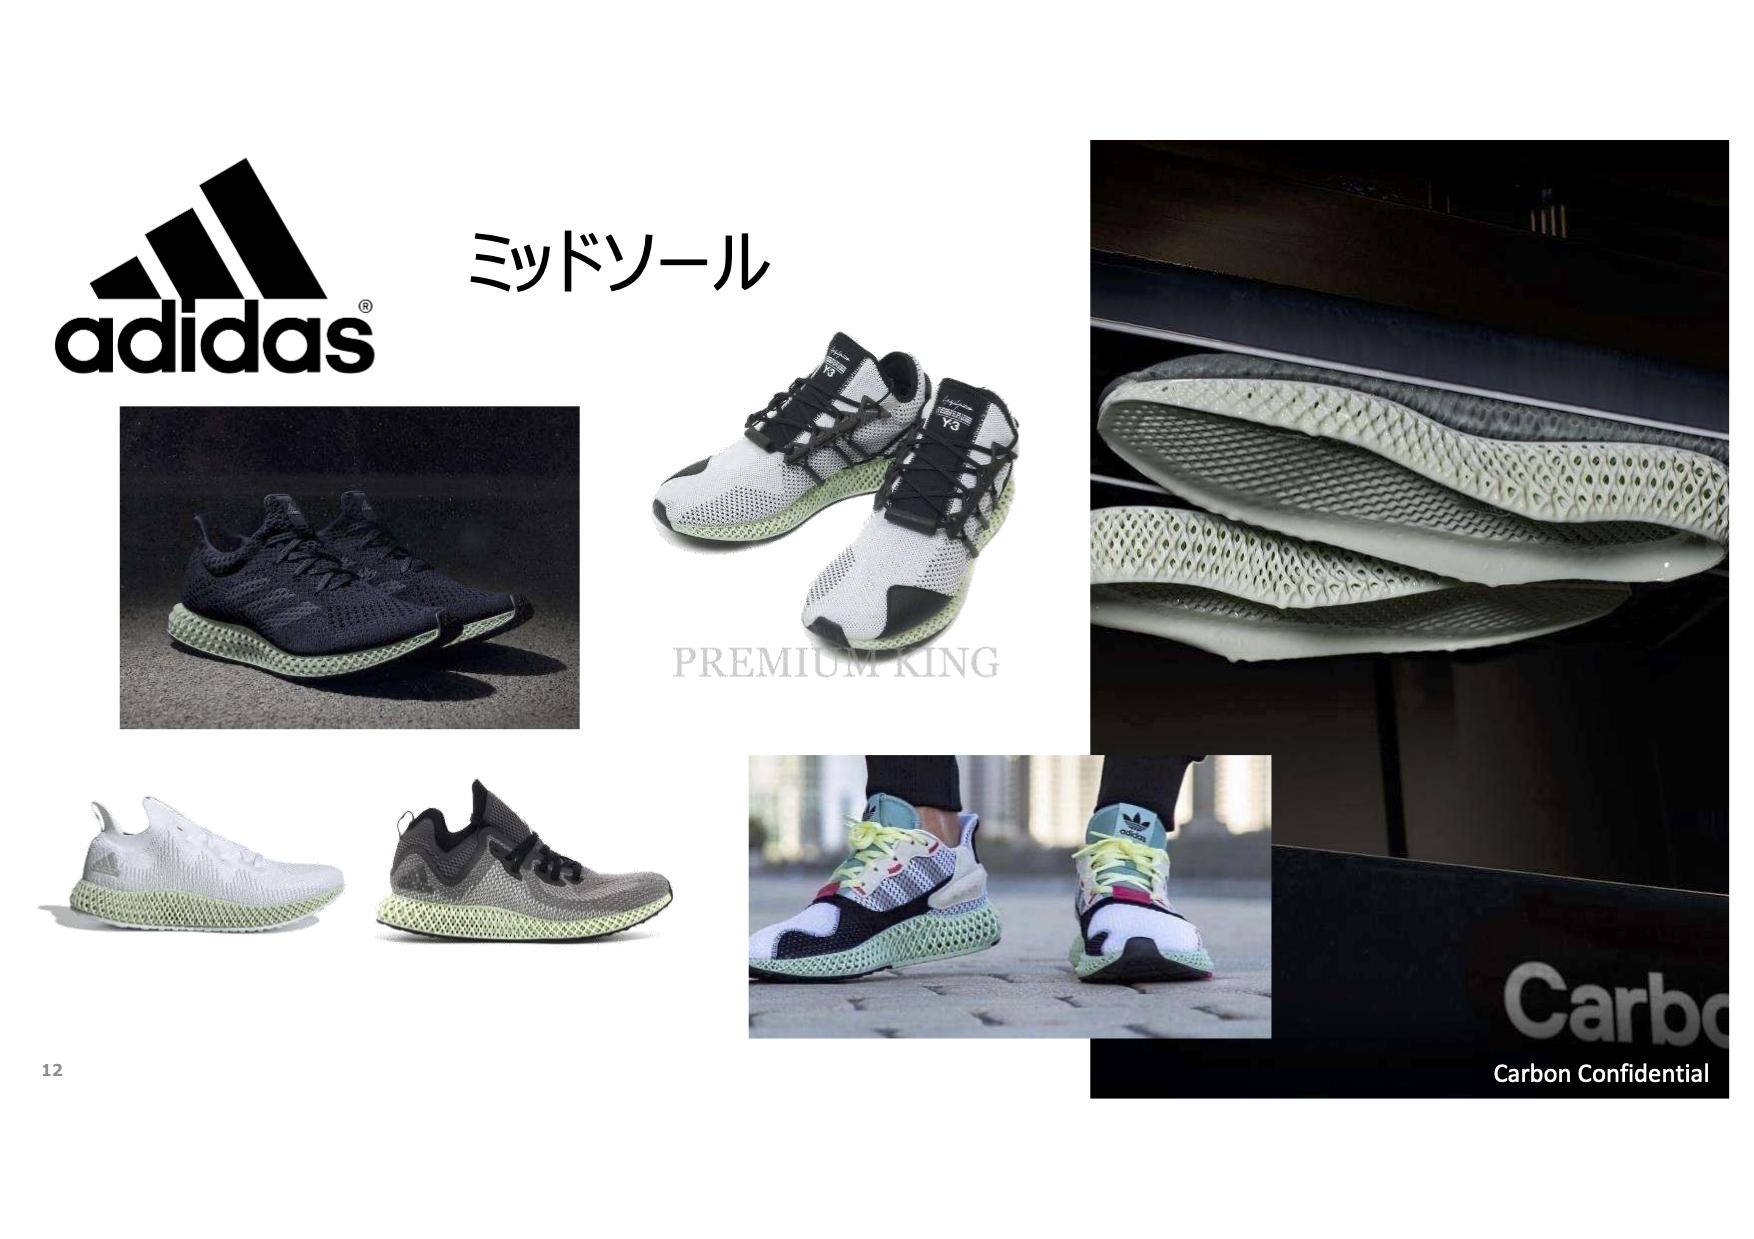 adidasのミッドソールの事例